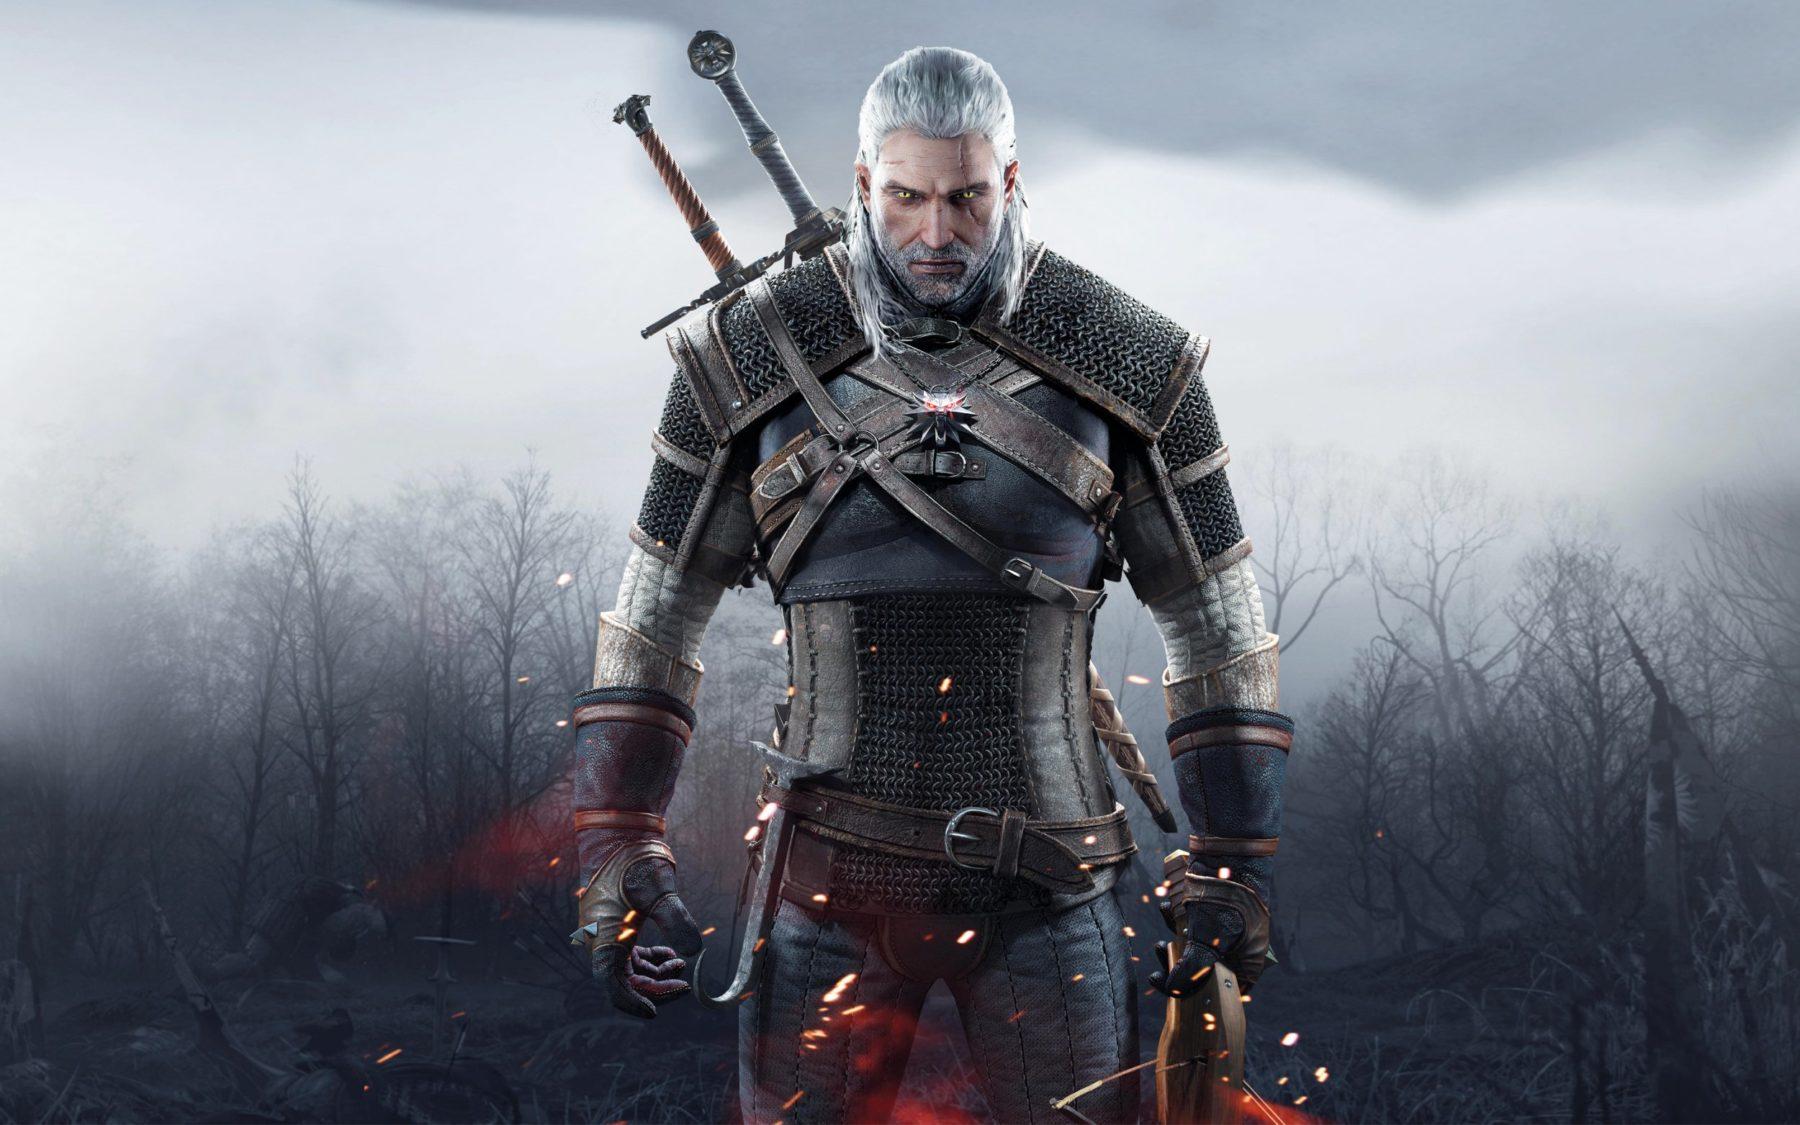 El showrunner de Witcher discute el aspecto principal que tomó de la serie de videojuegos